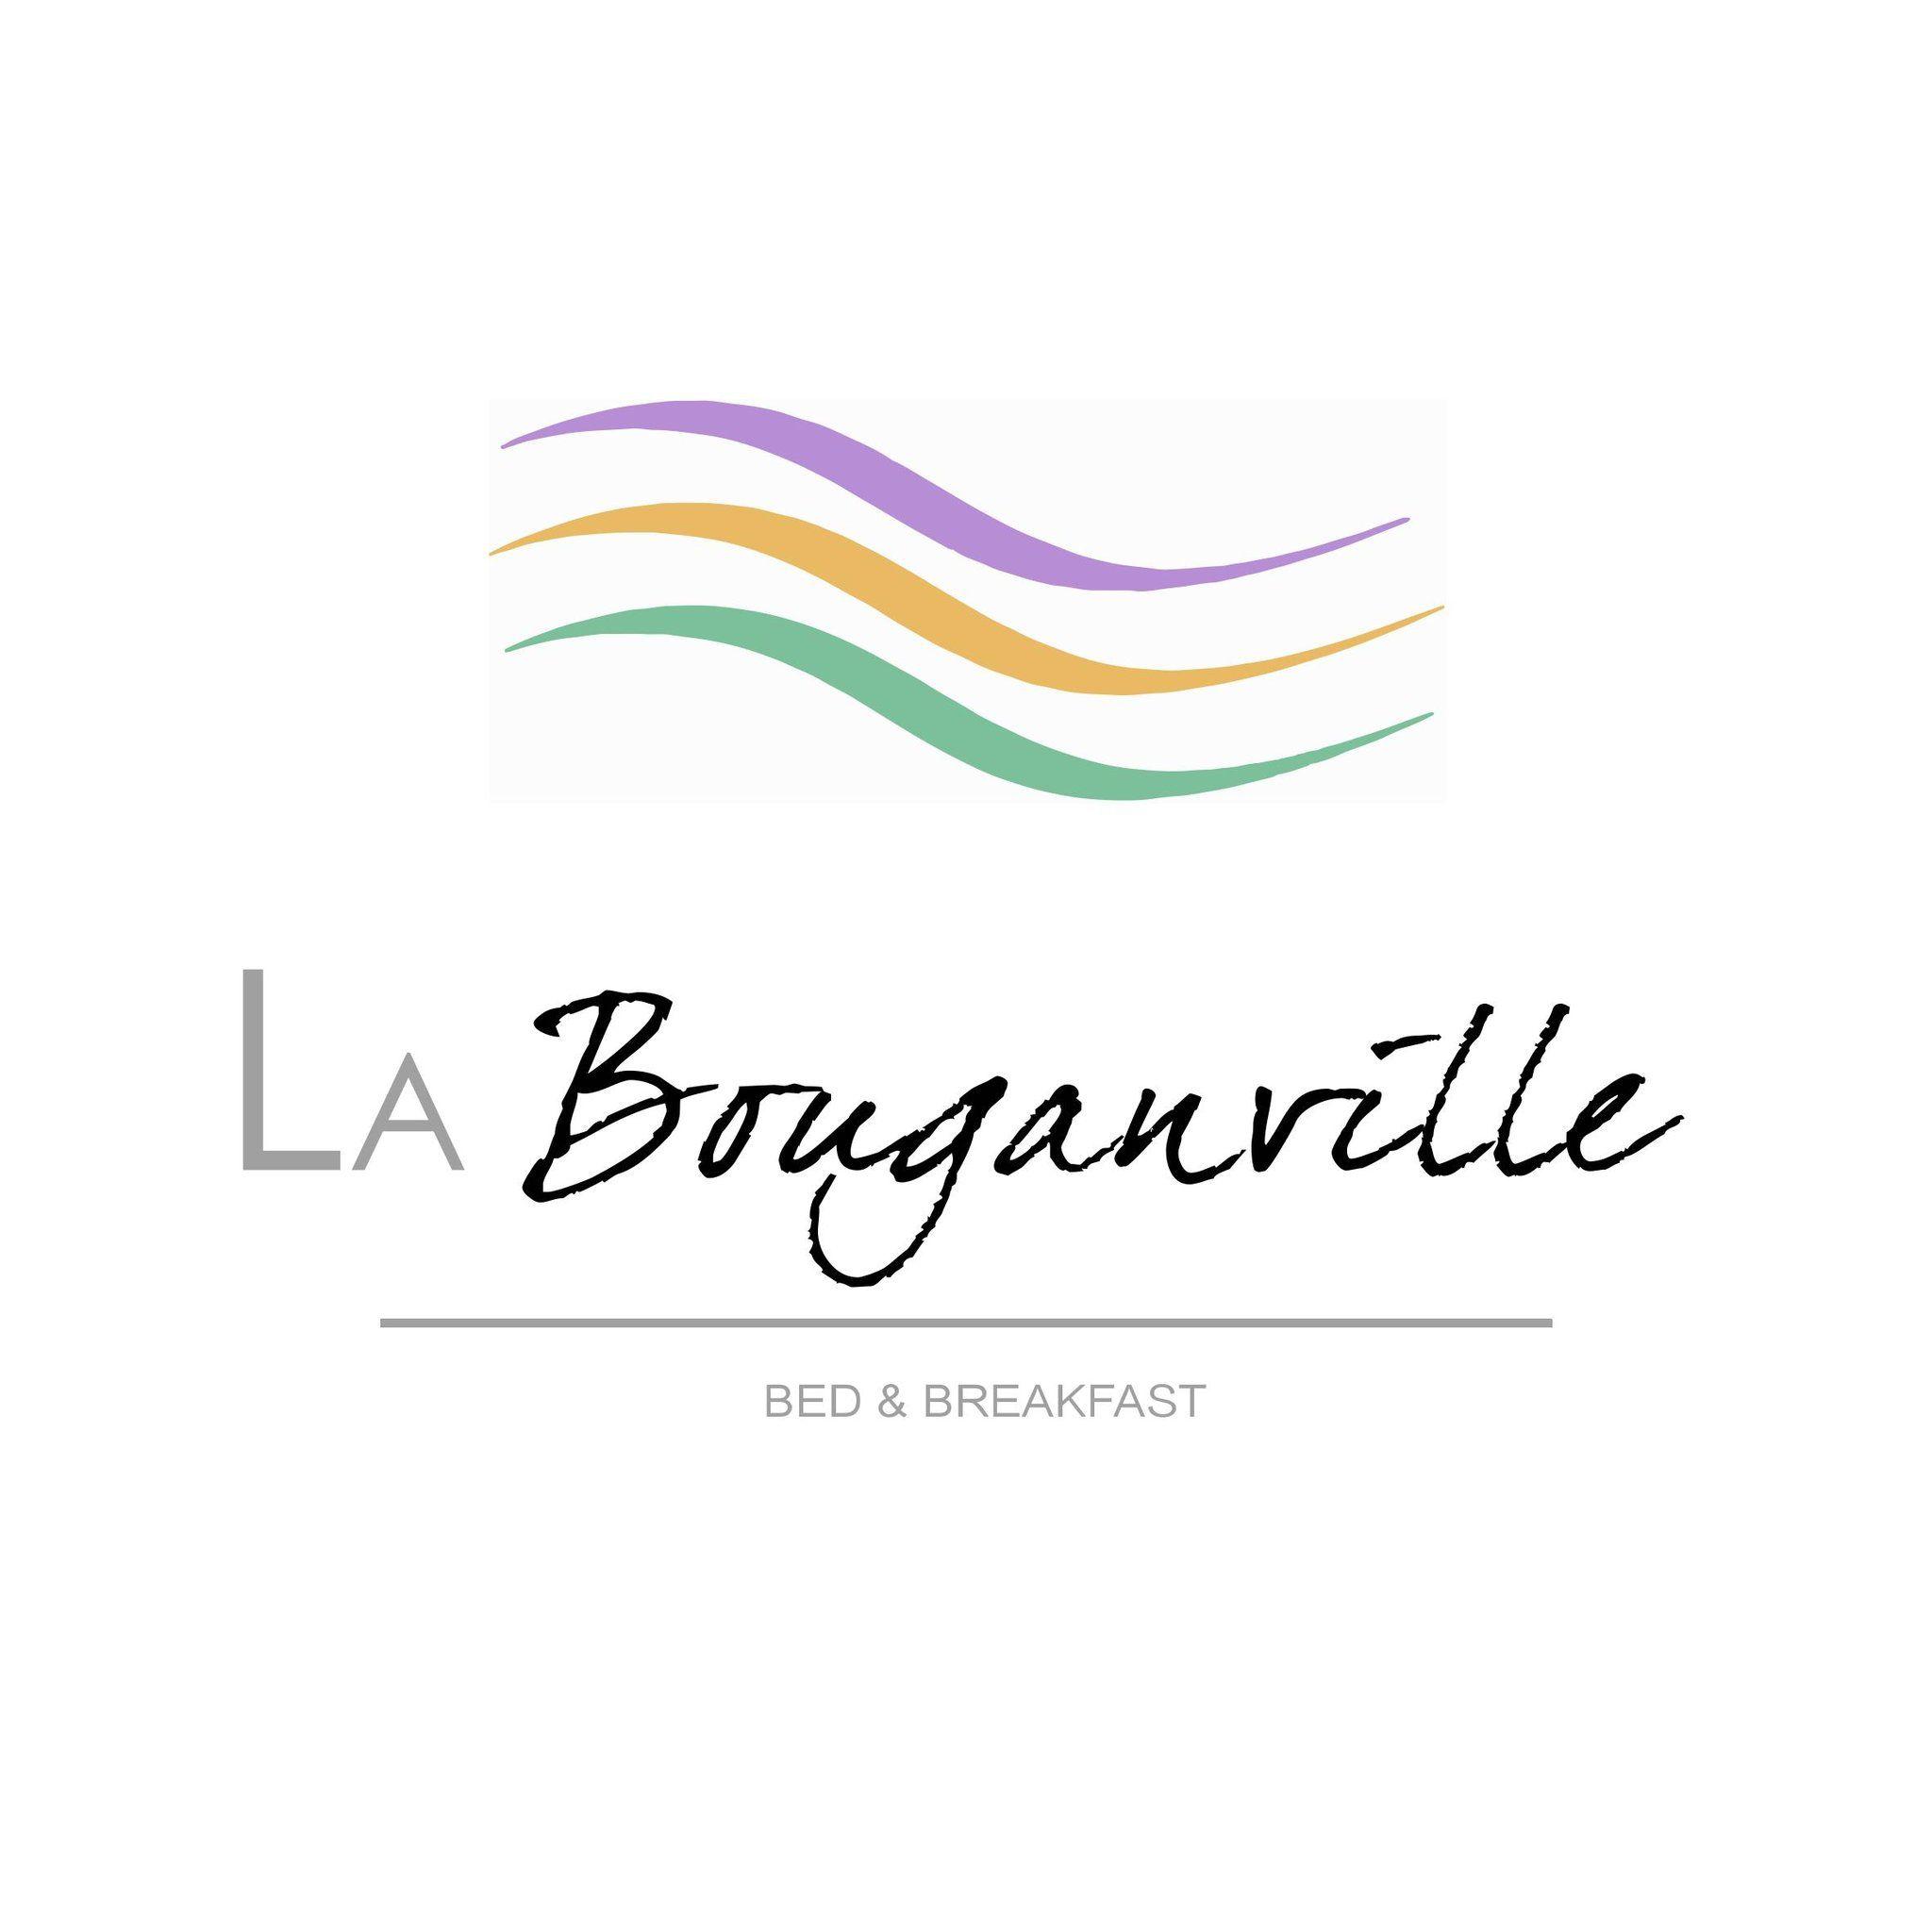 B&B La Bouganville